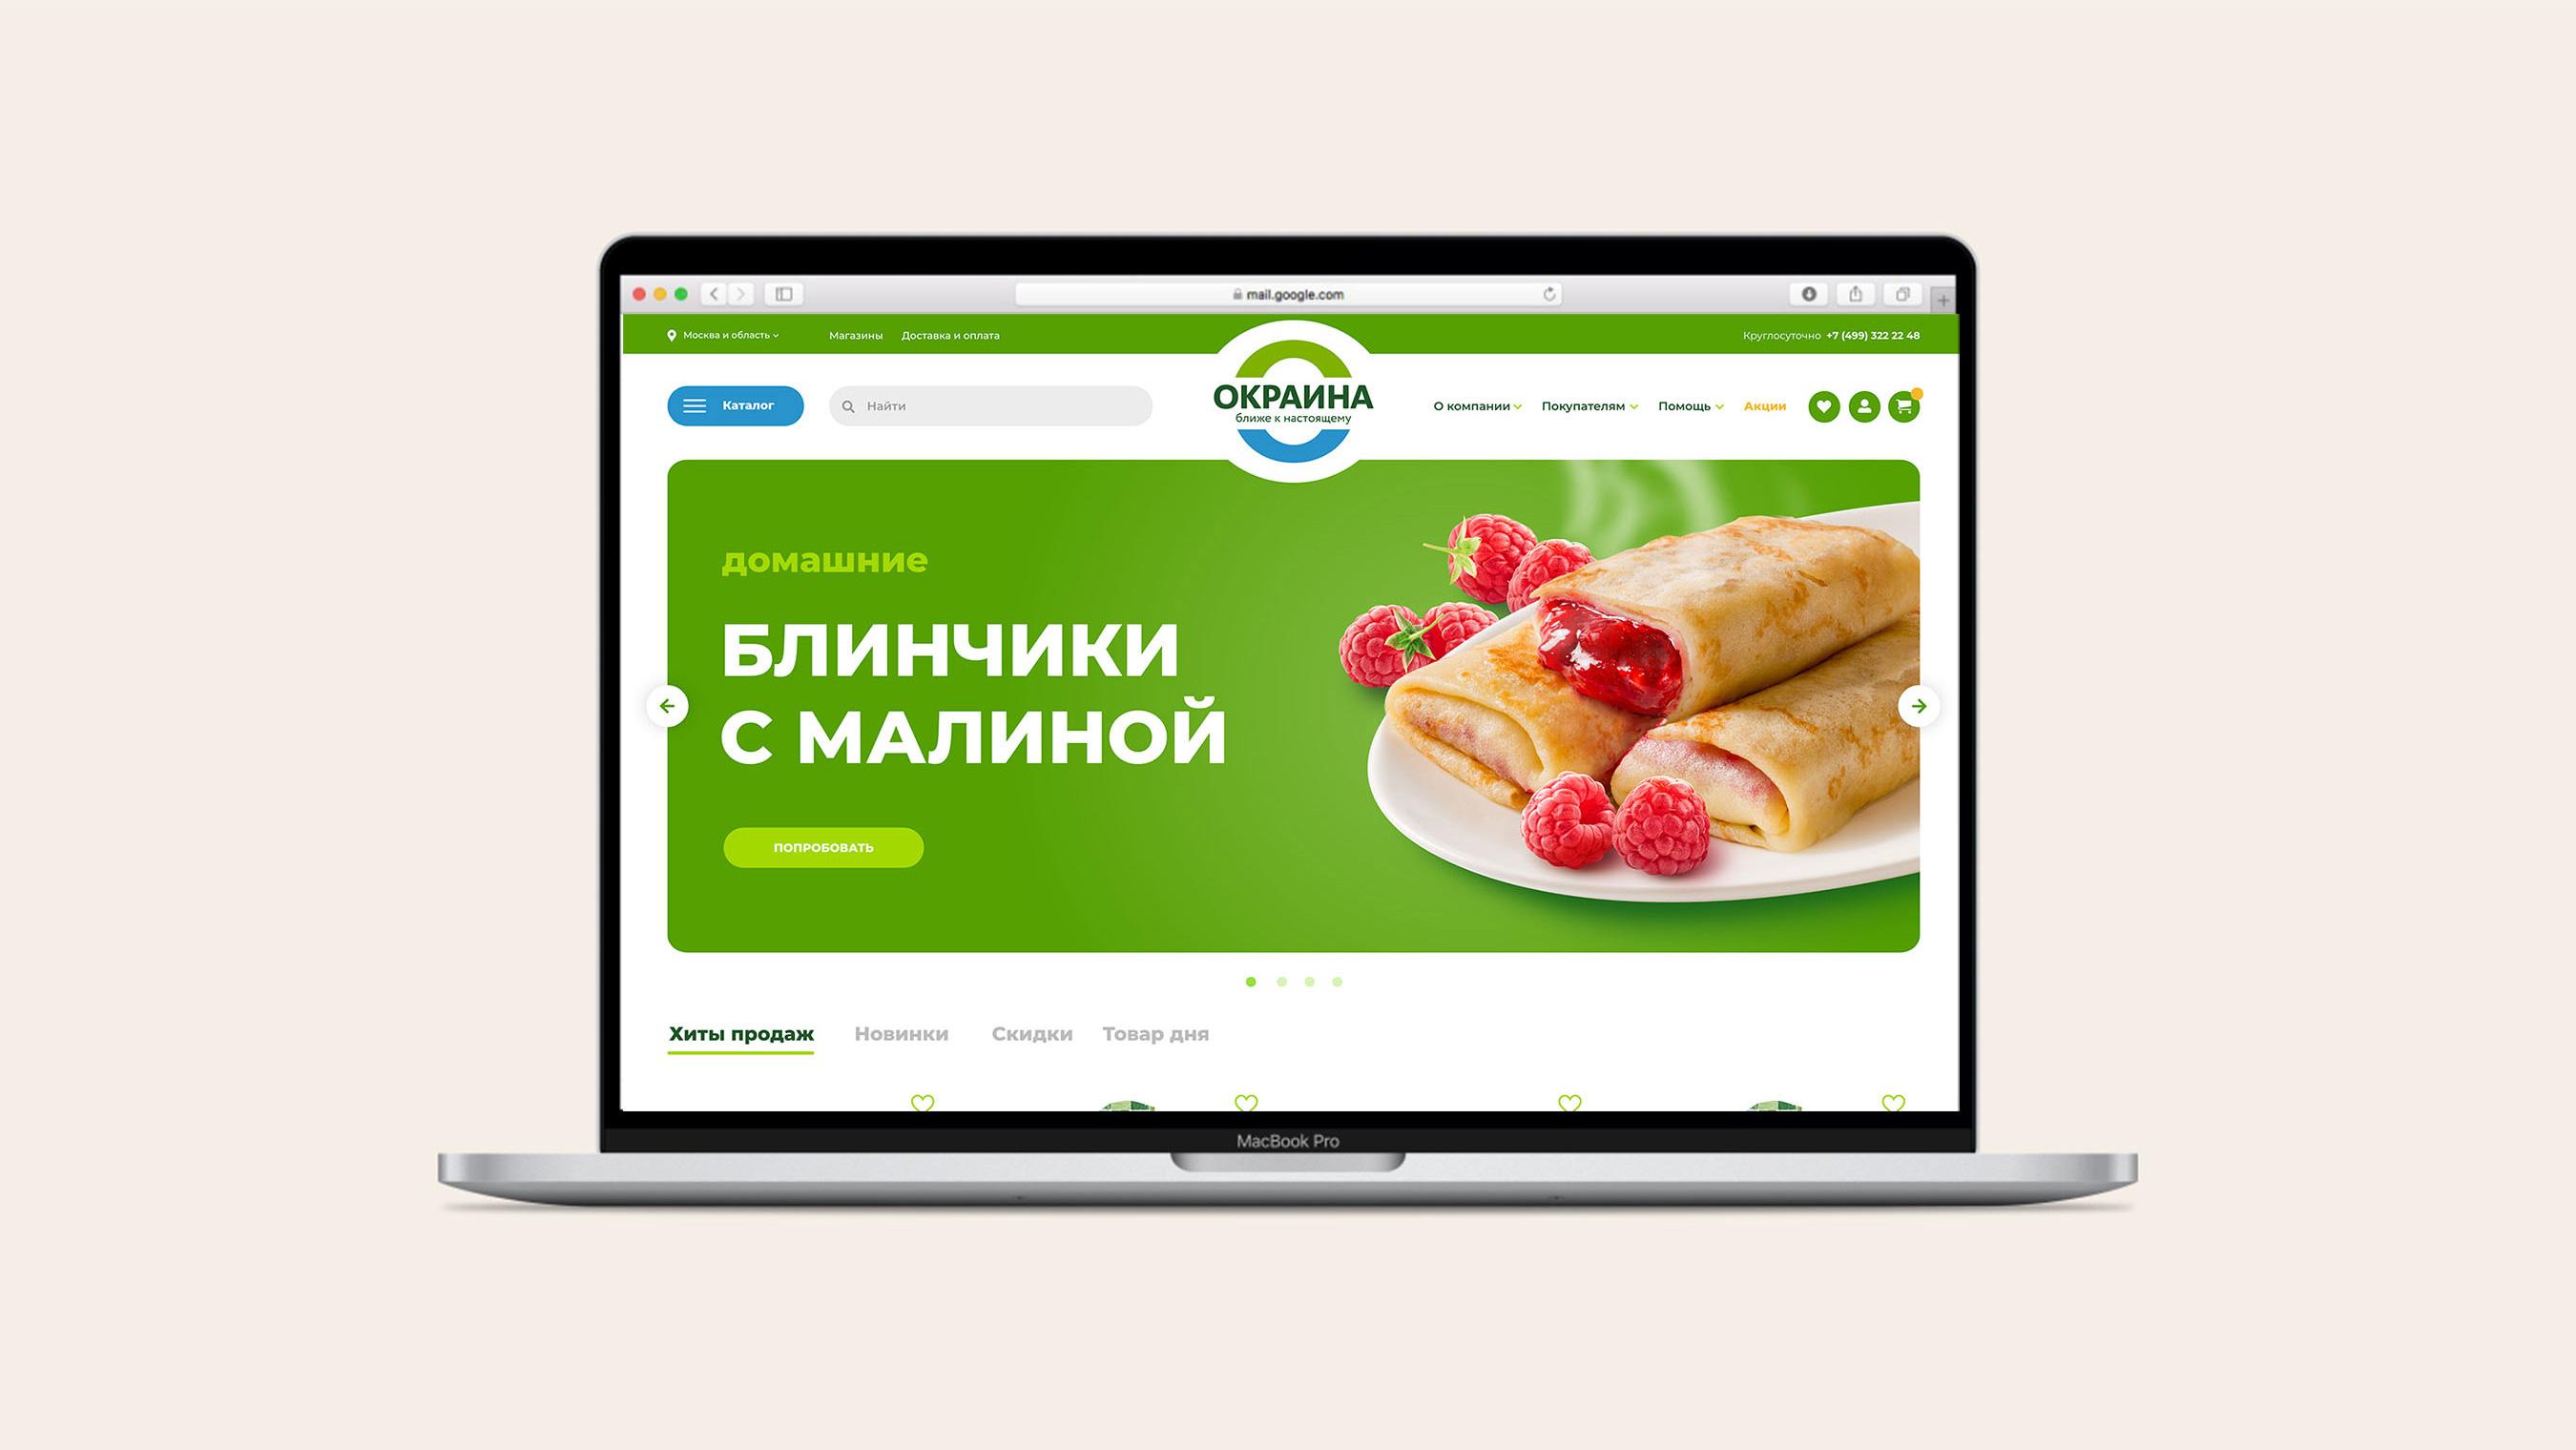 Брендинговое агентство BRANDEXPERT «Остров Свободы» разработало дизайн сайта компании «Окраина»